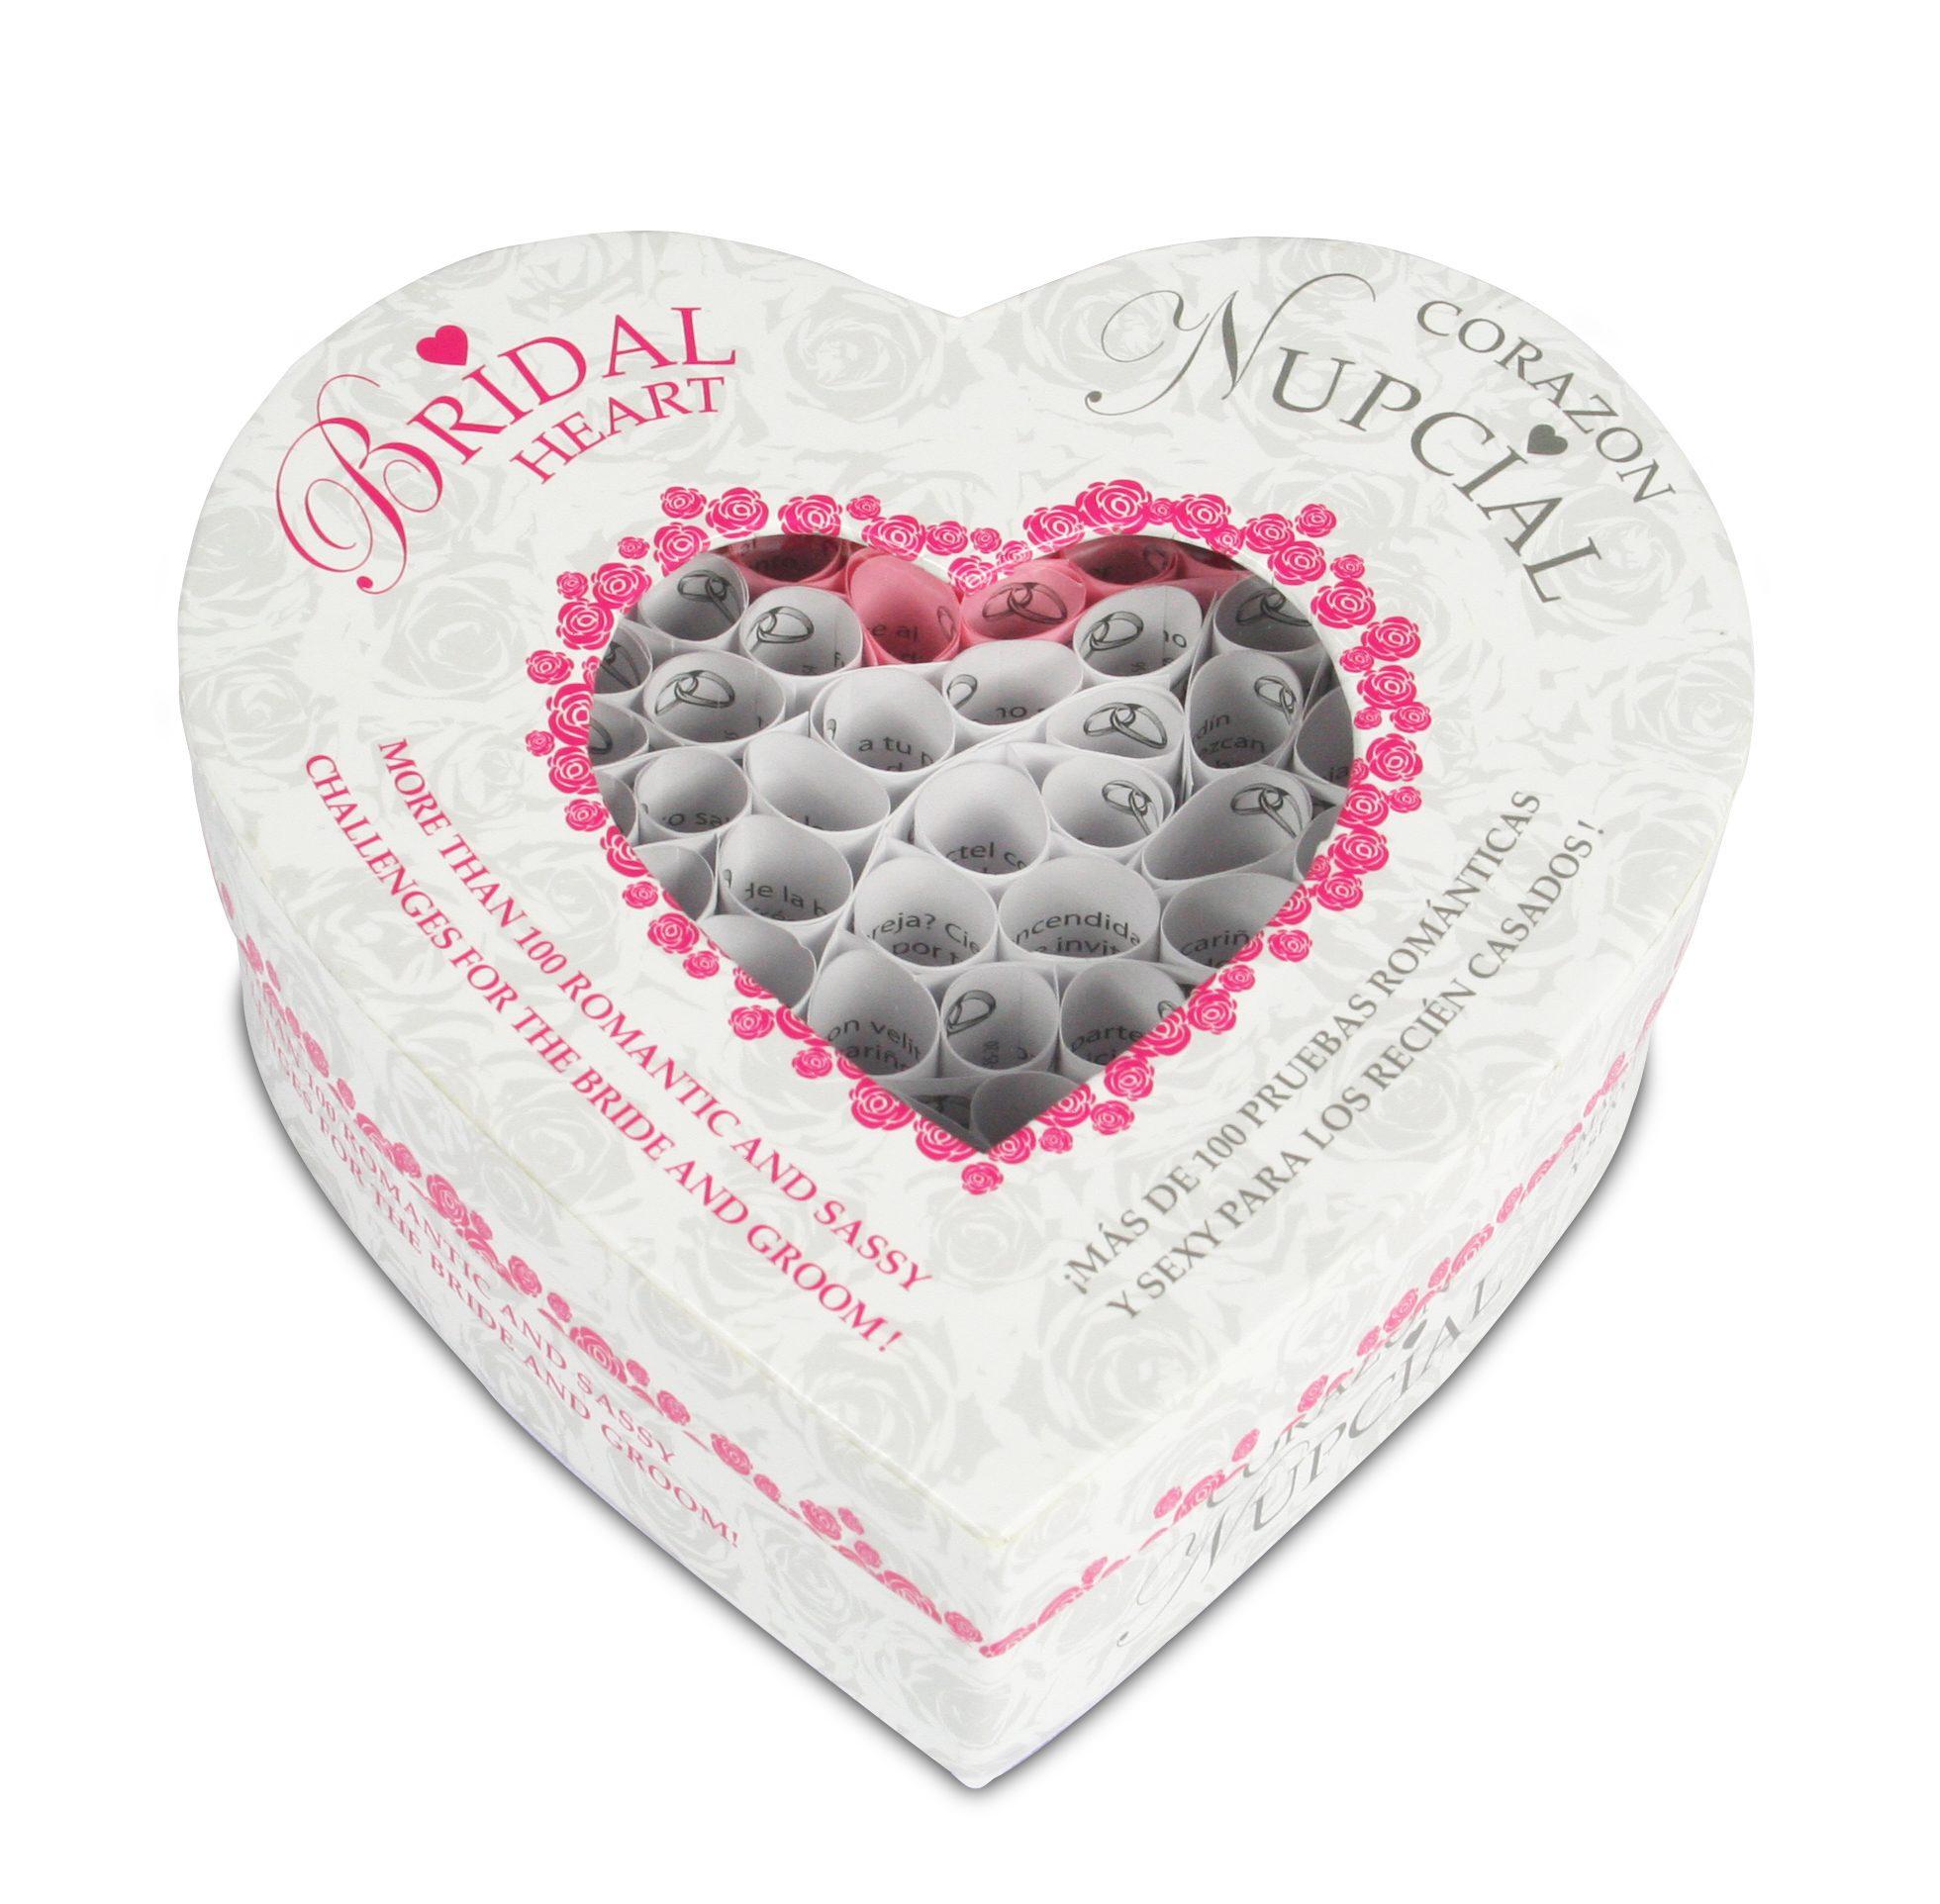 Juego para Parejas, Corazón Nupcial ( 100 Pruebas Llenas de Románticas para recién casados) Tease & Please - LOVERSpack